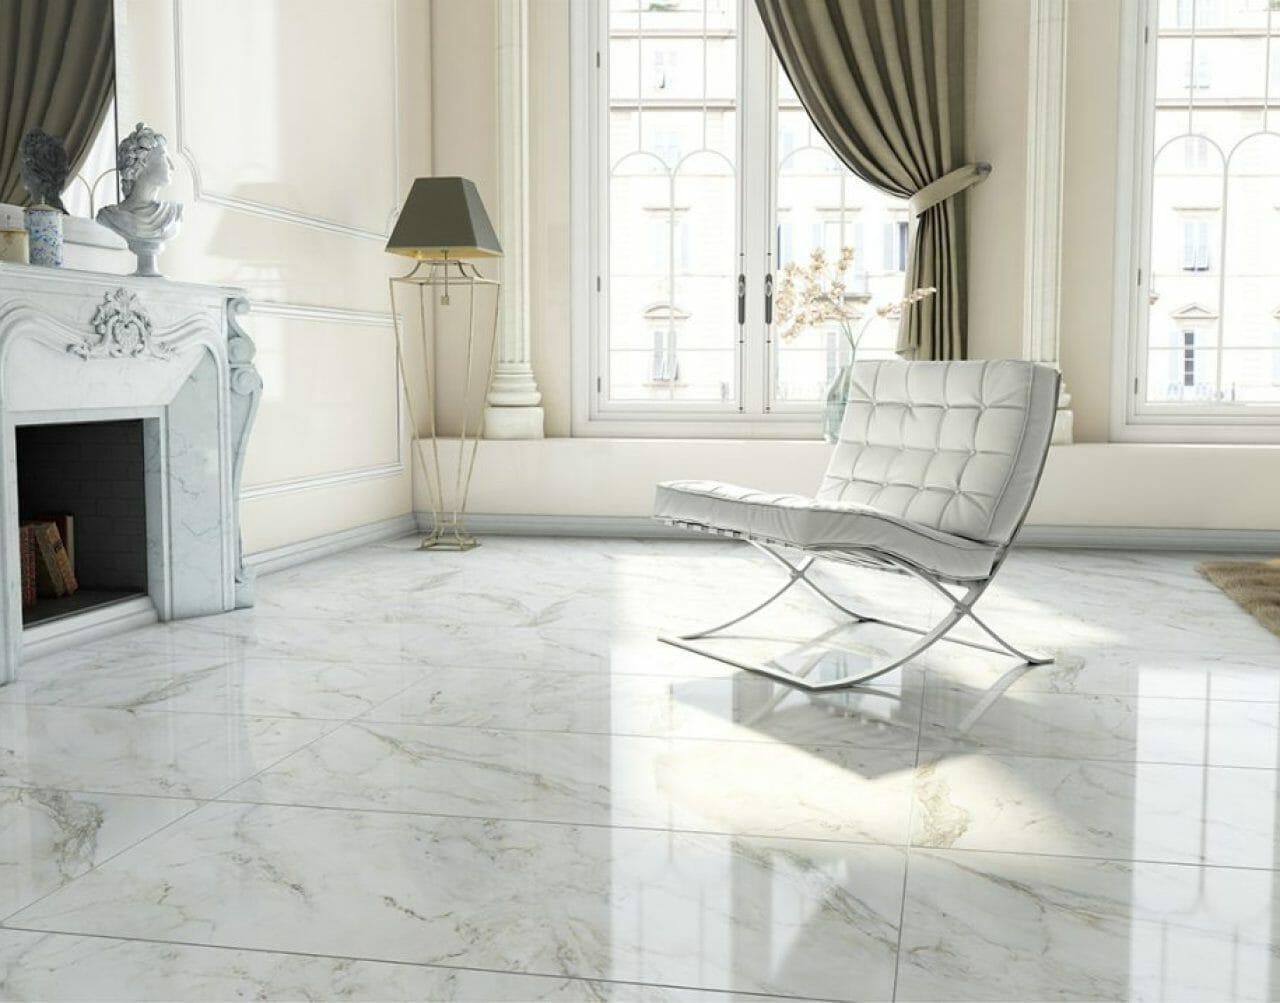 24x48 white Tile Anderson. large format white flooring tile